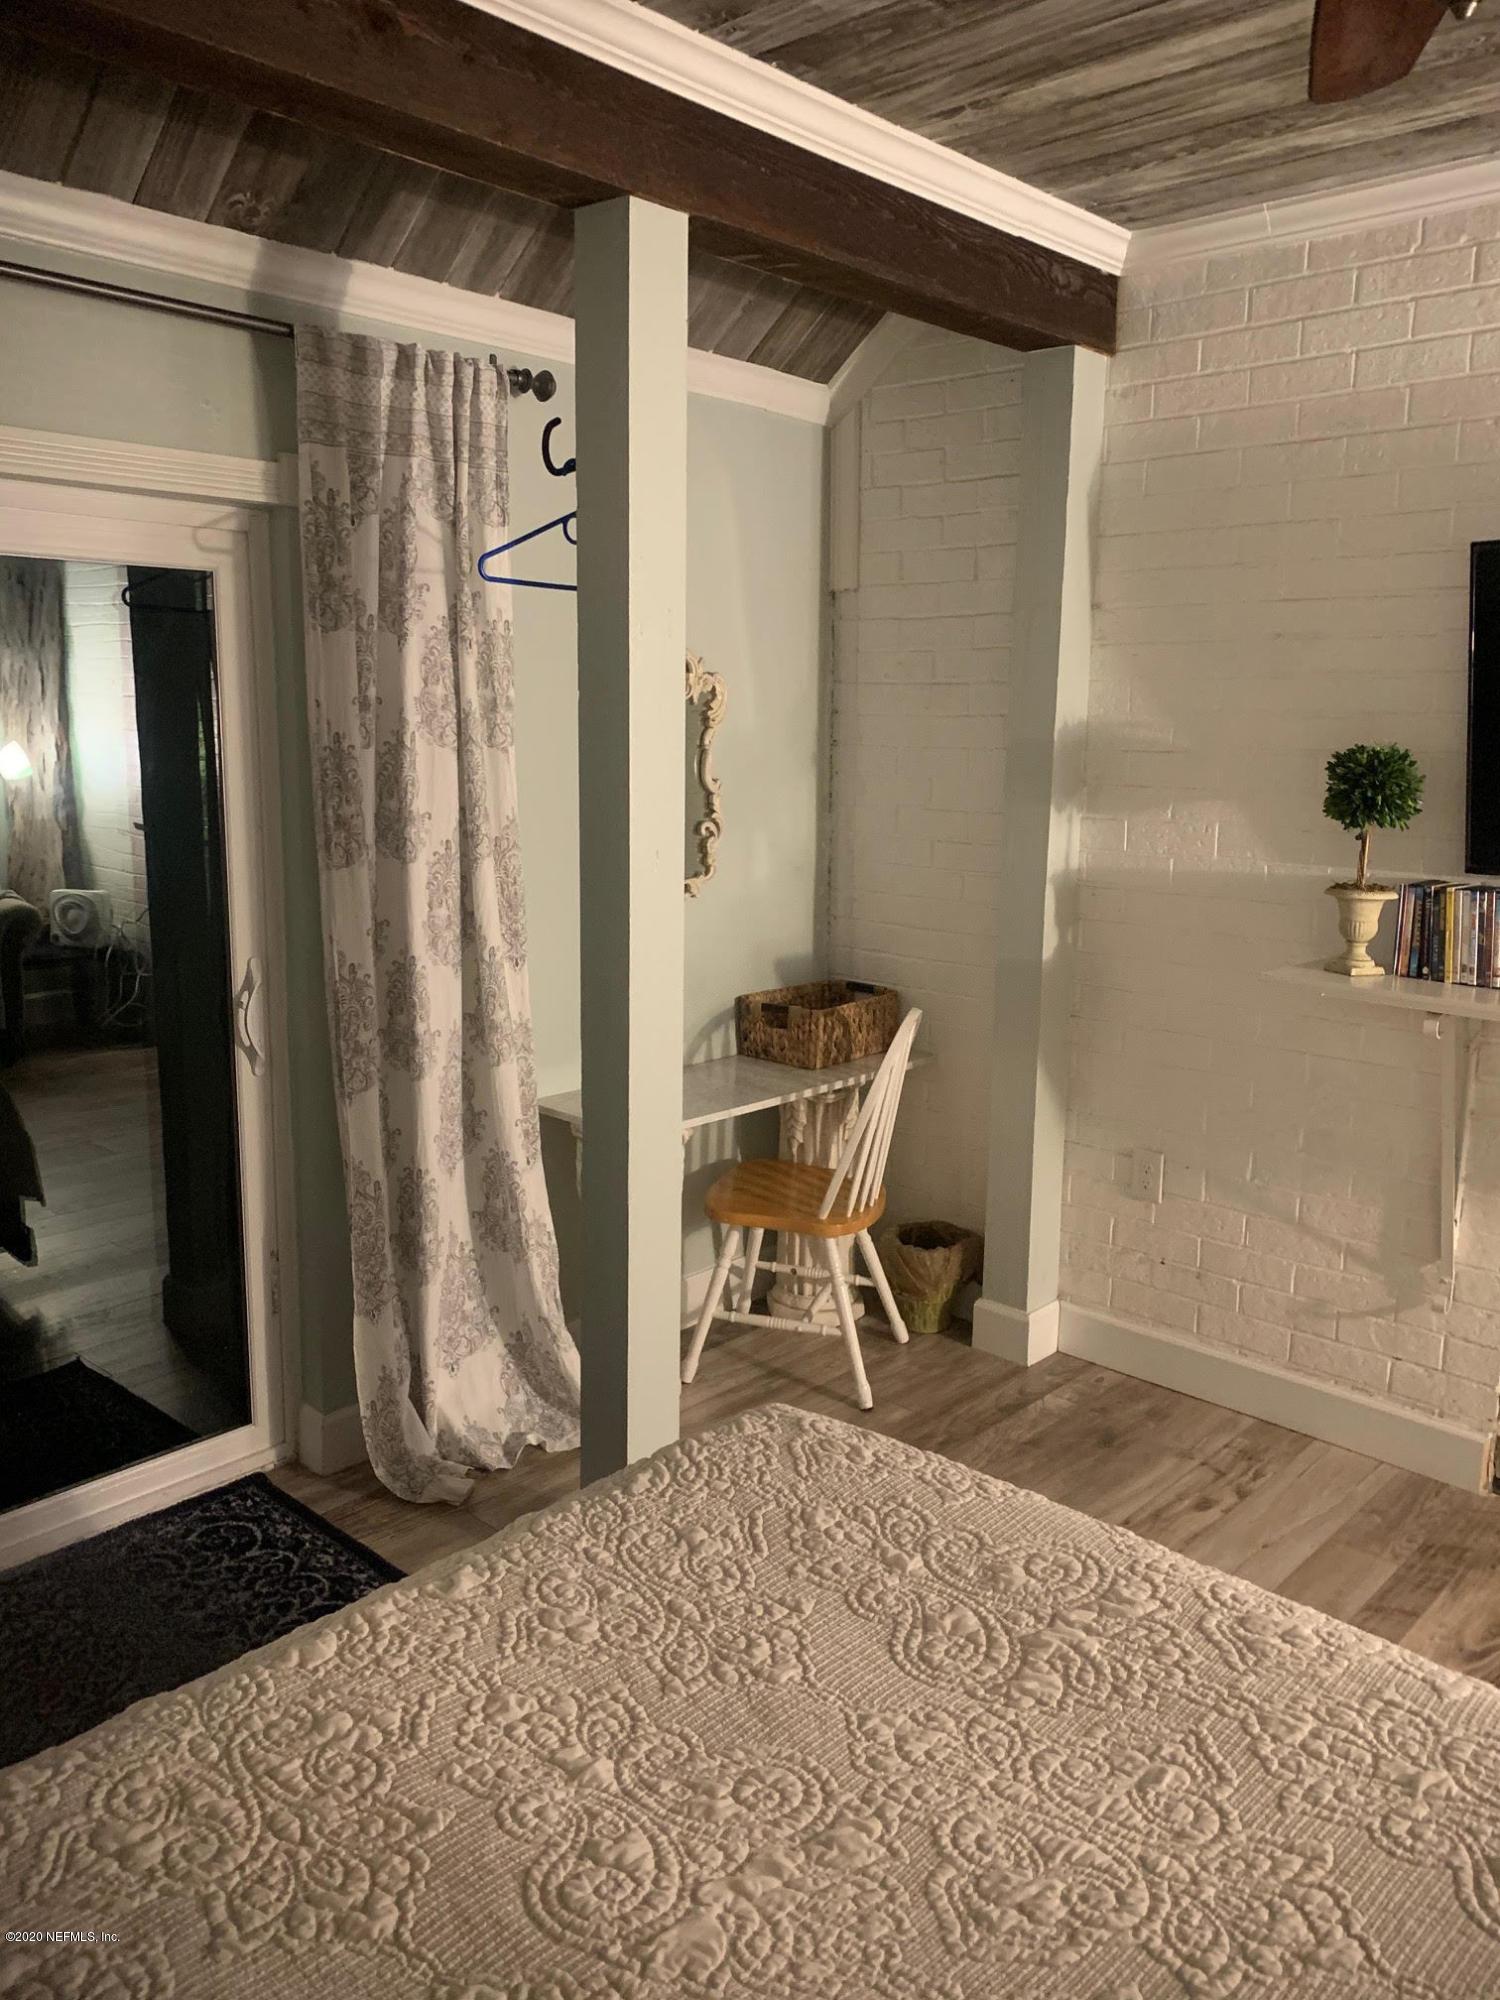 8369 BASCOM, JACKSONVILLE, FLORIDA 32216, 1 Bedroom Bedrooms, ,1 BathroomBathrooms,Rental,For Rent,BASCOM,1083375